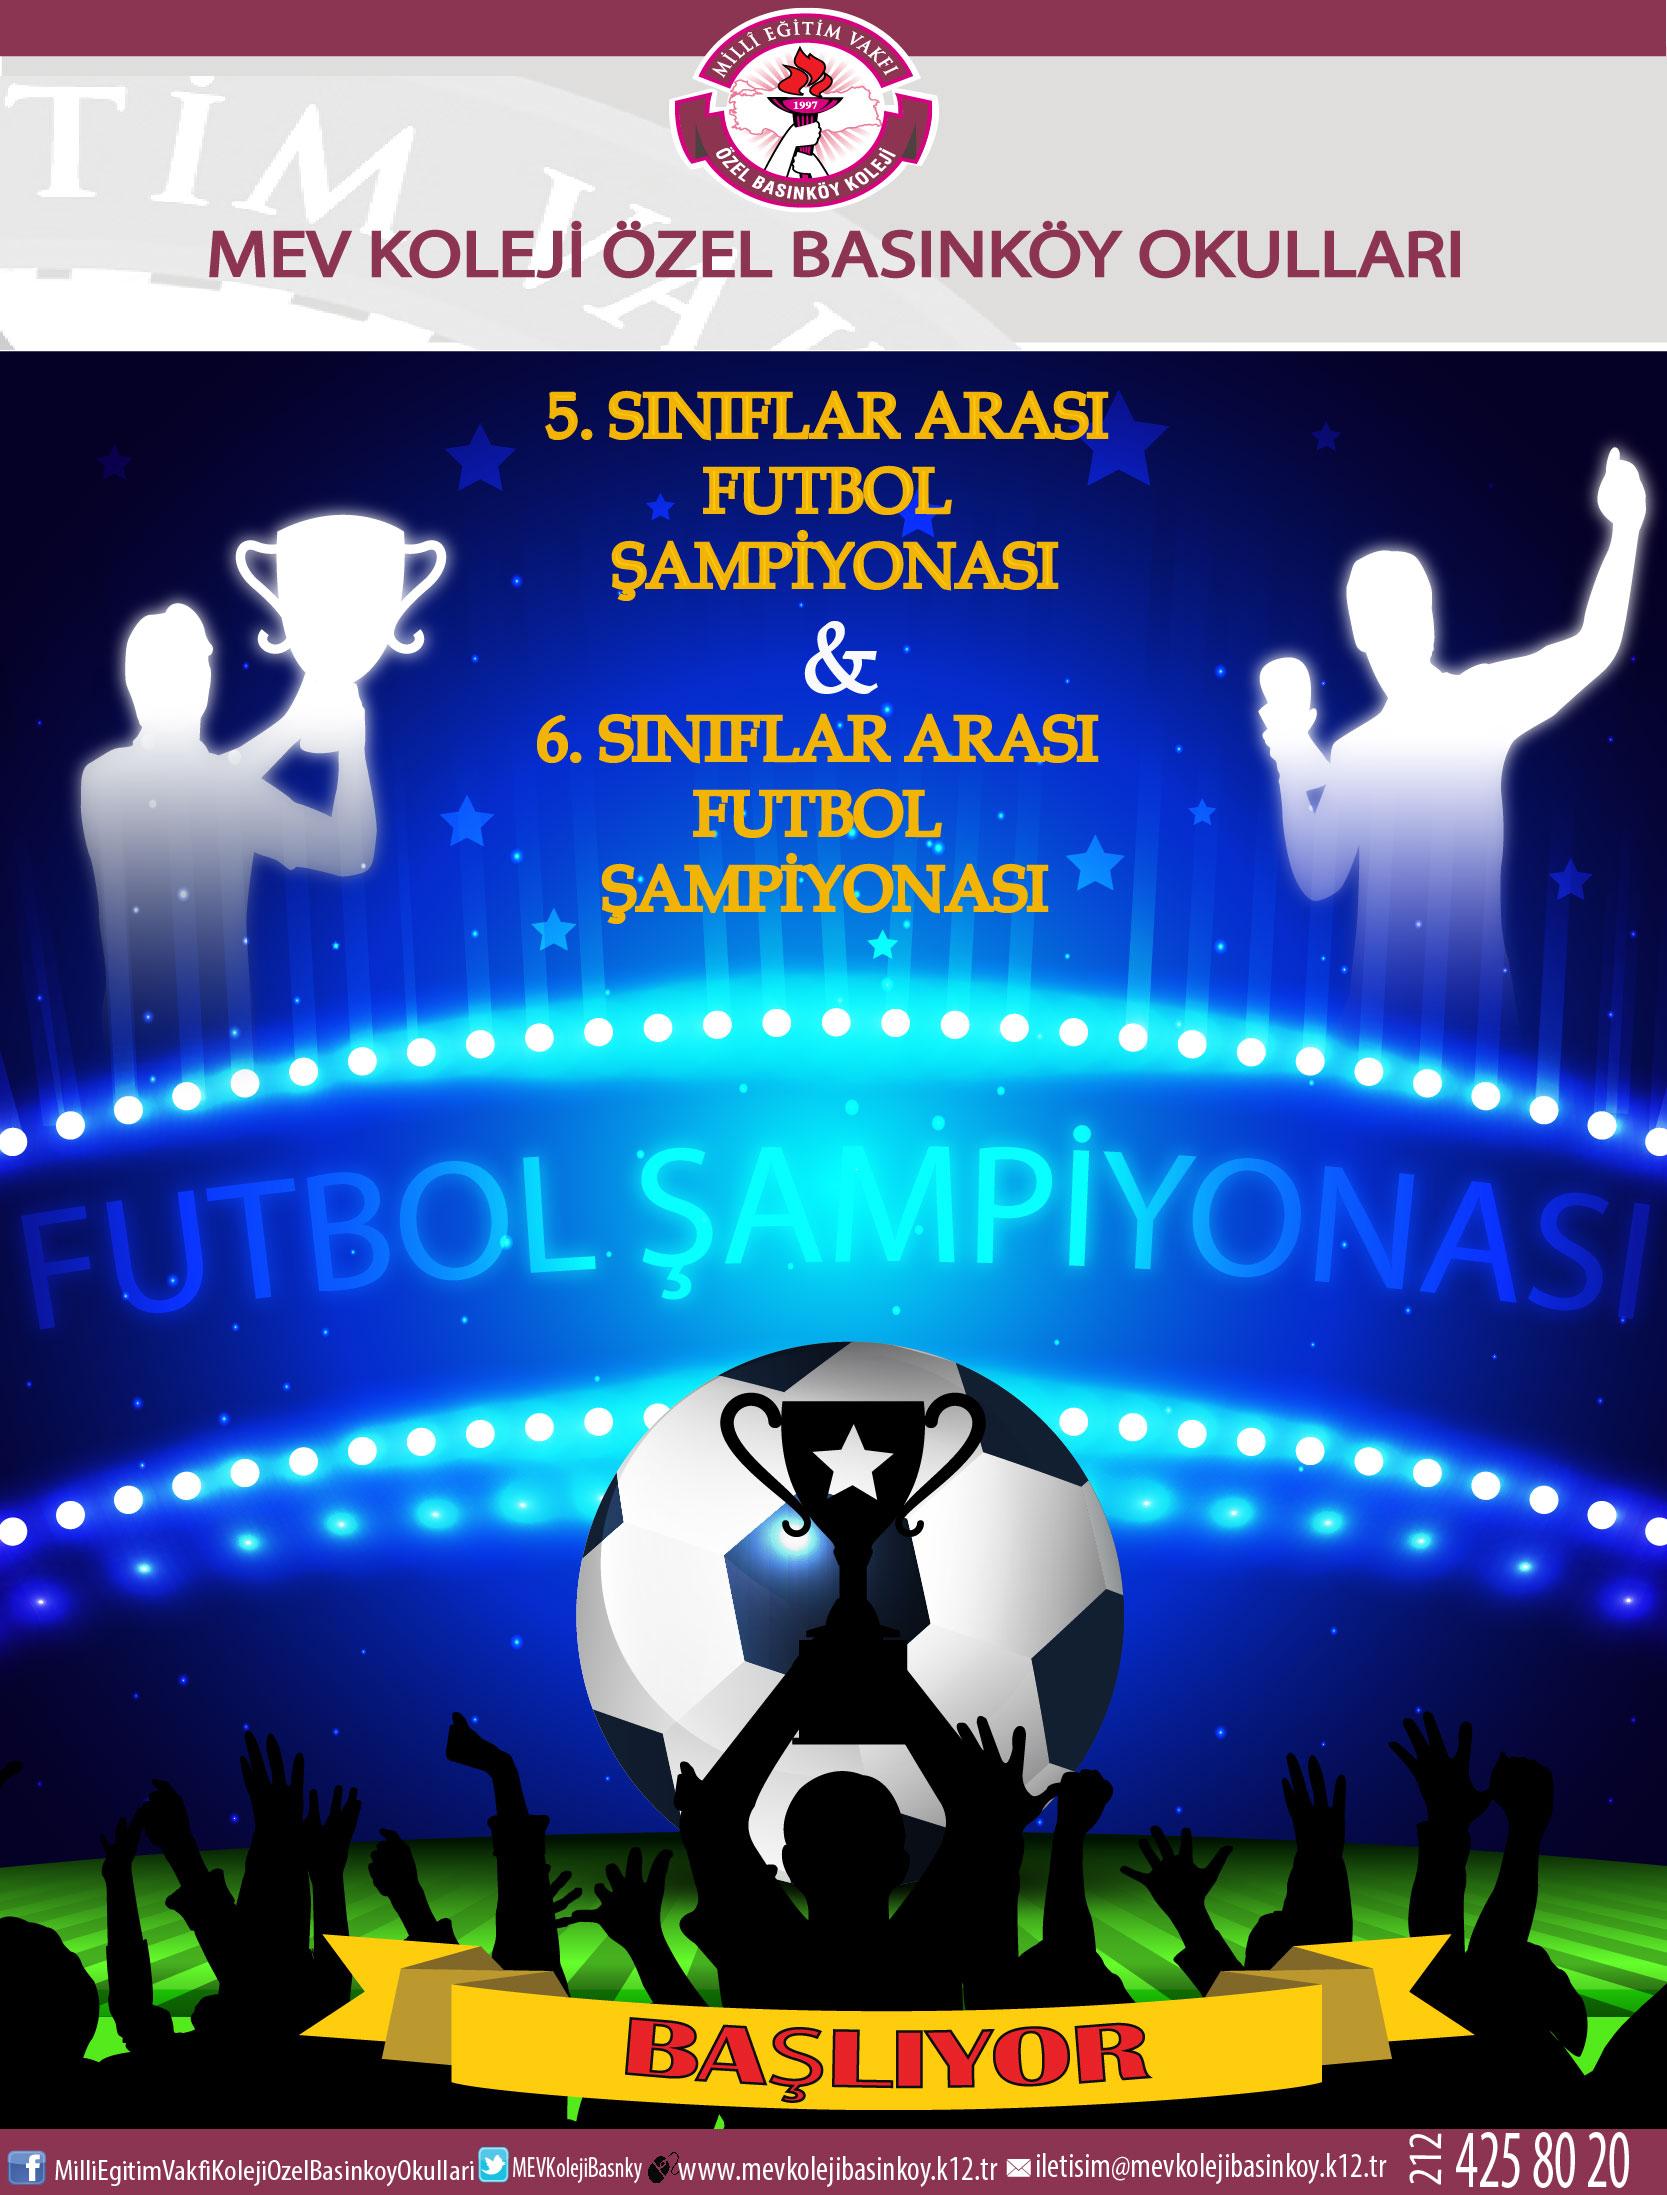 Sınıflar Arası Futbol Şampiyonası Başlıyor